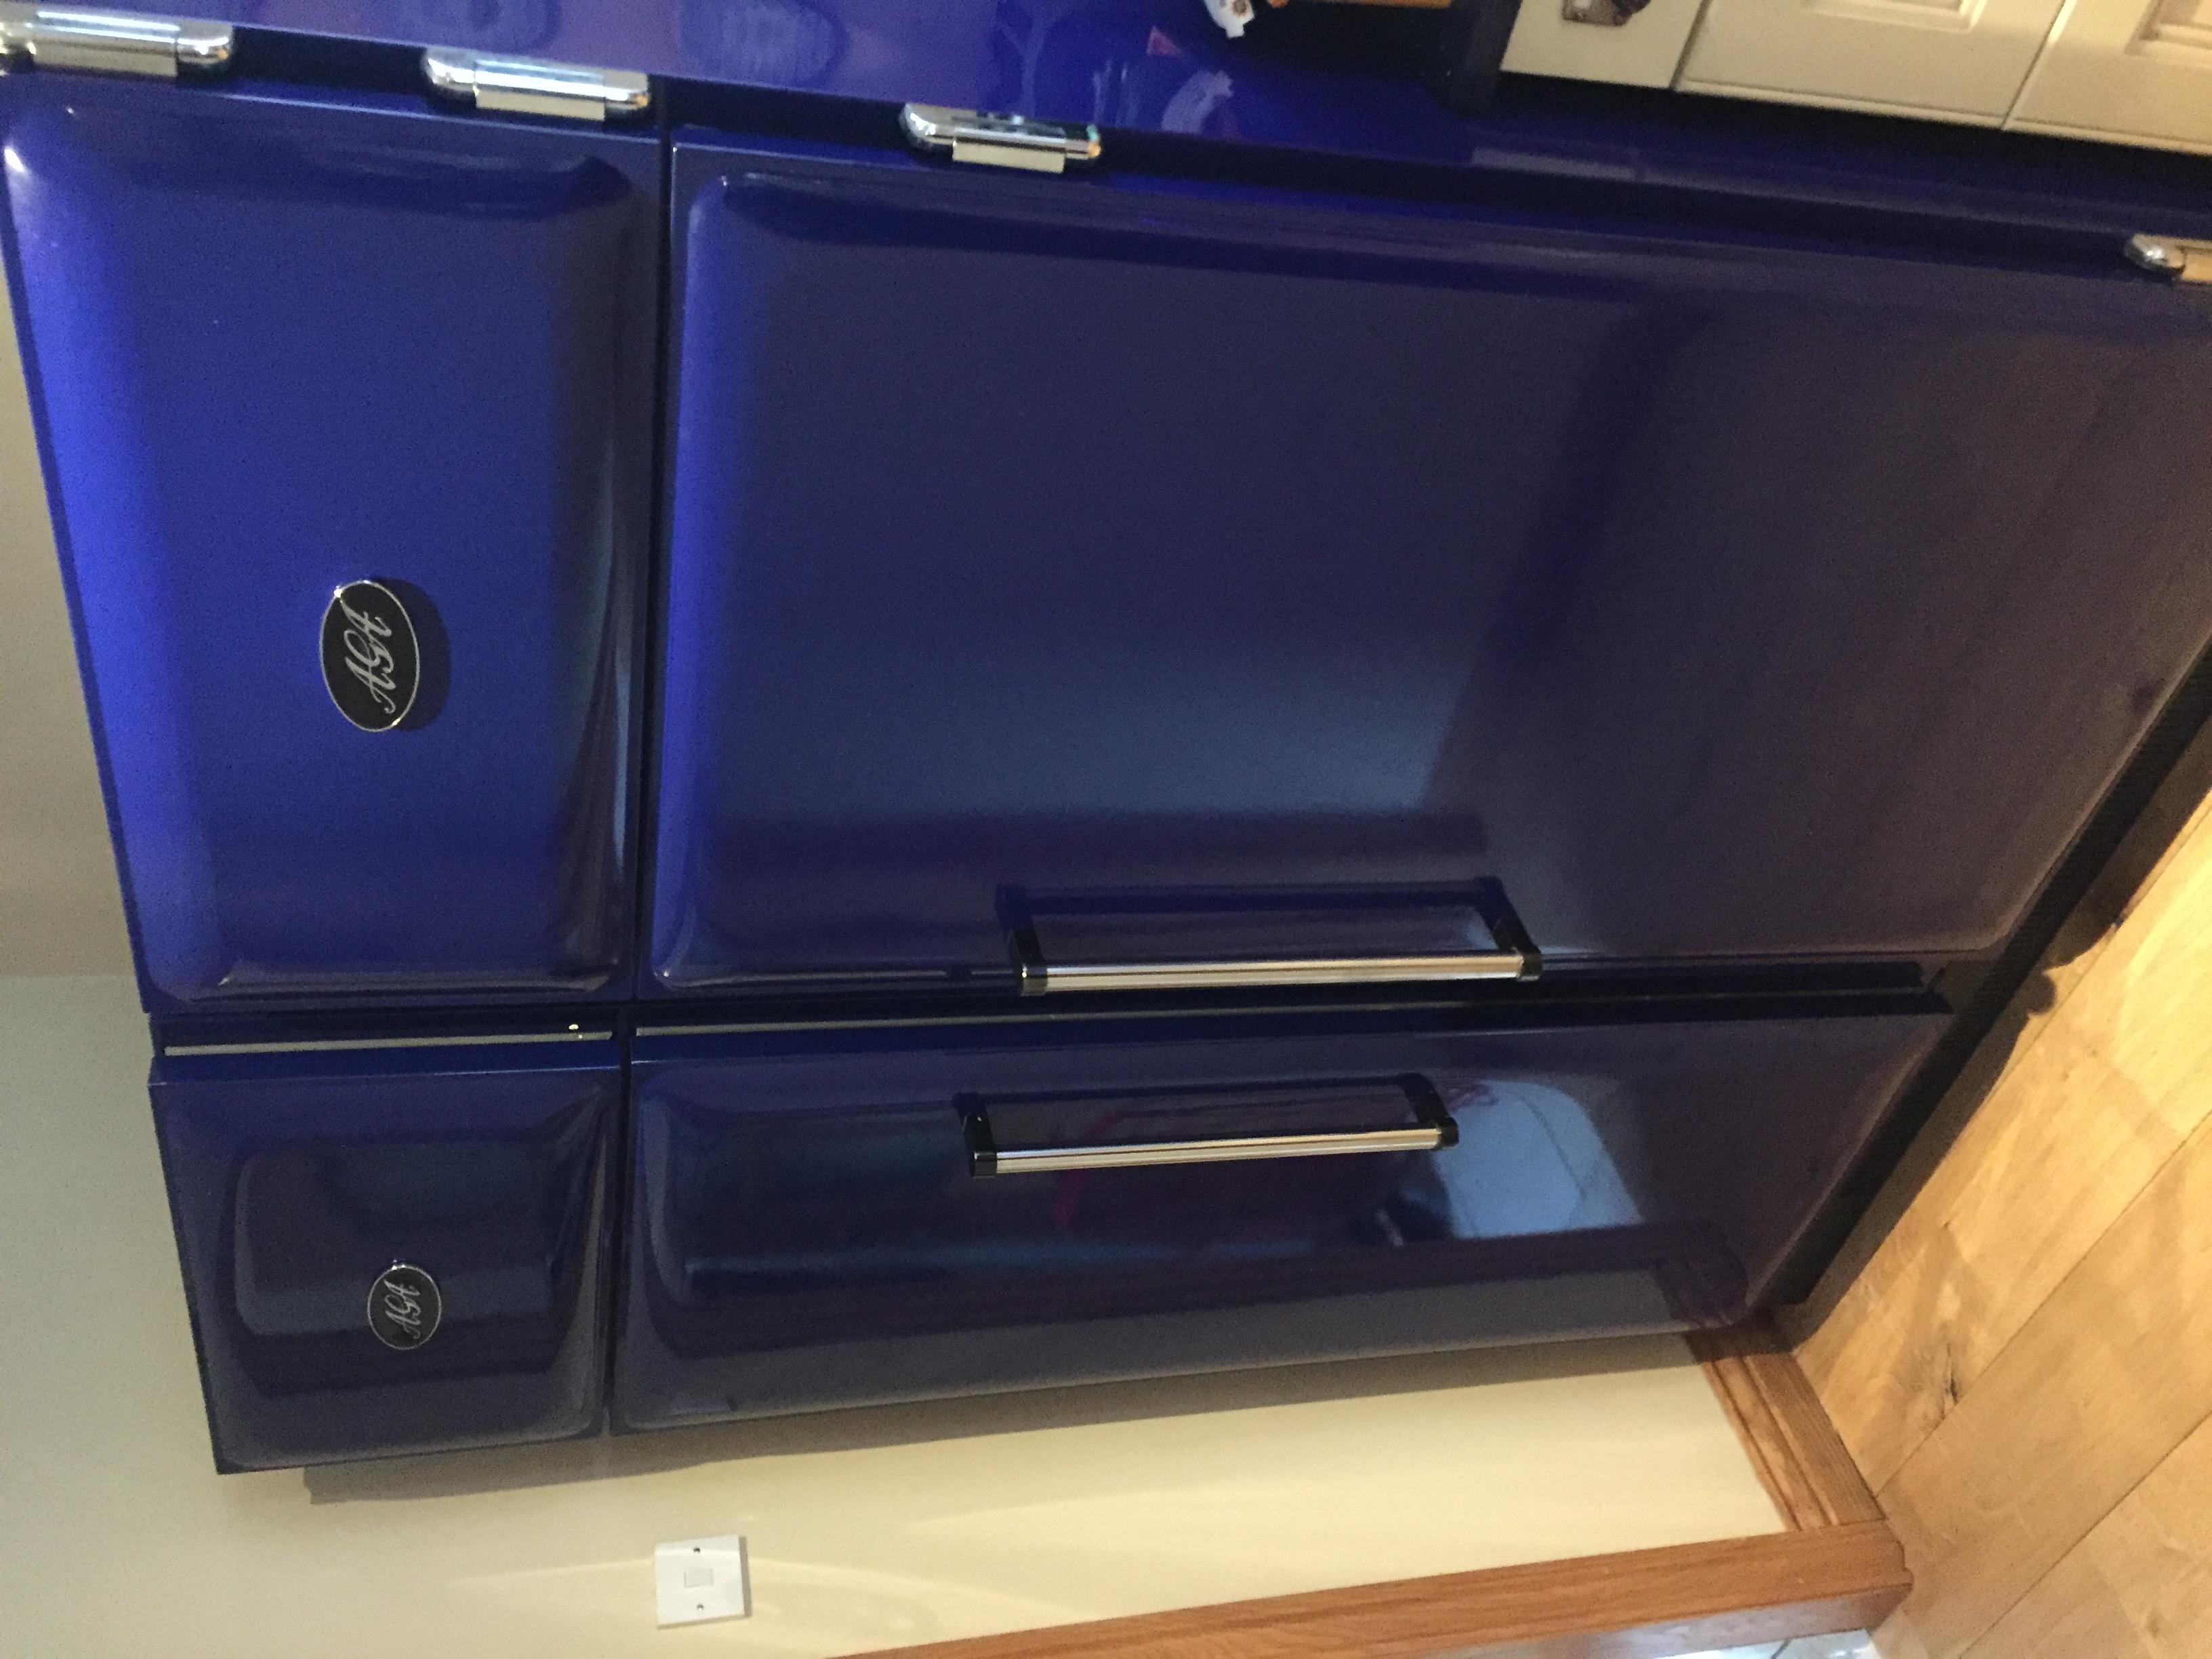 AGA fridge freezer